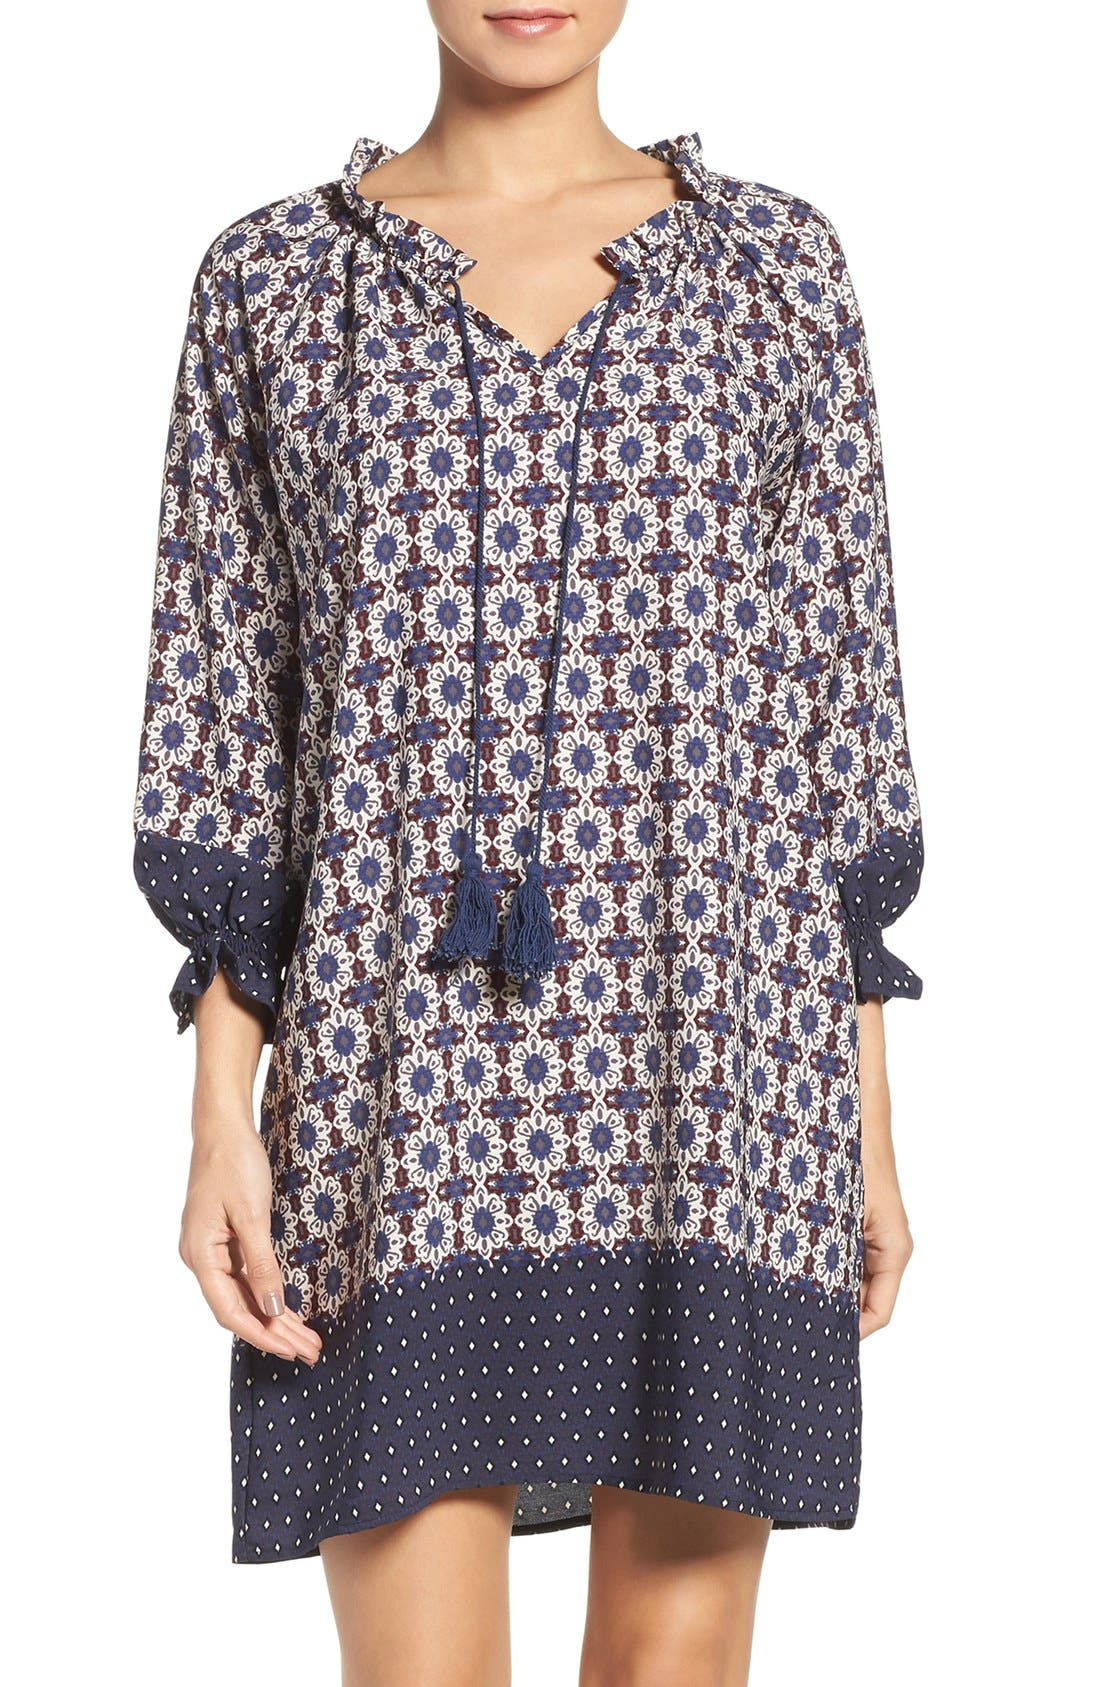 Catella Tunic Dress,                         Main,                         color, 410